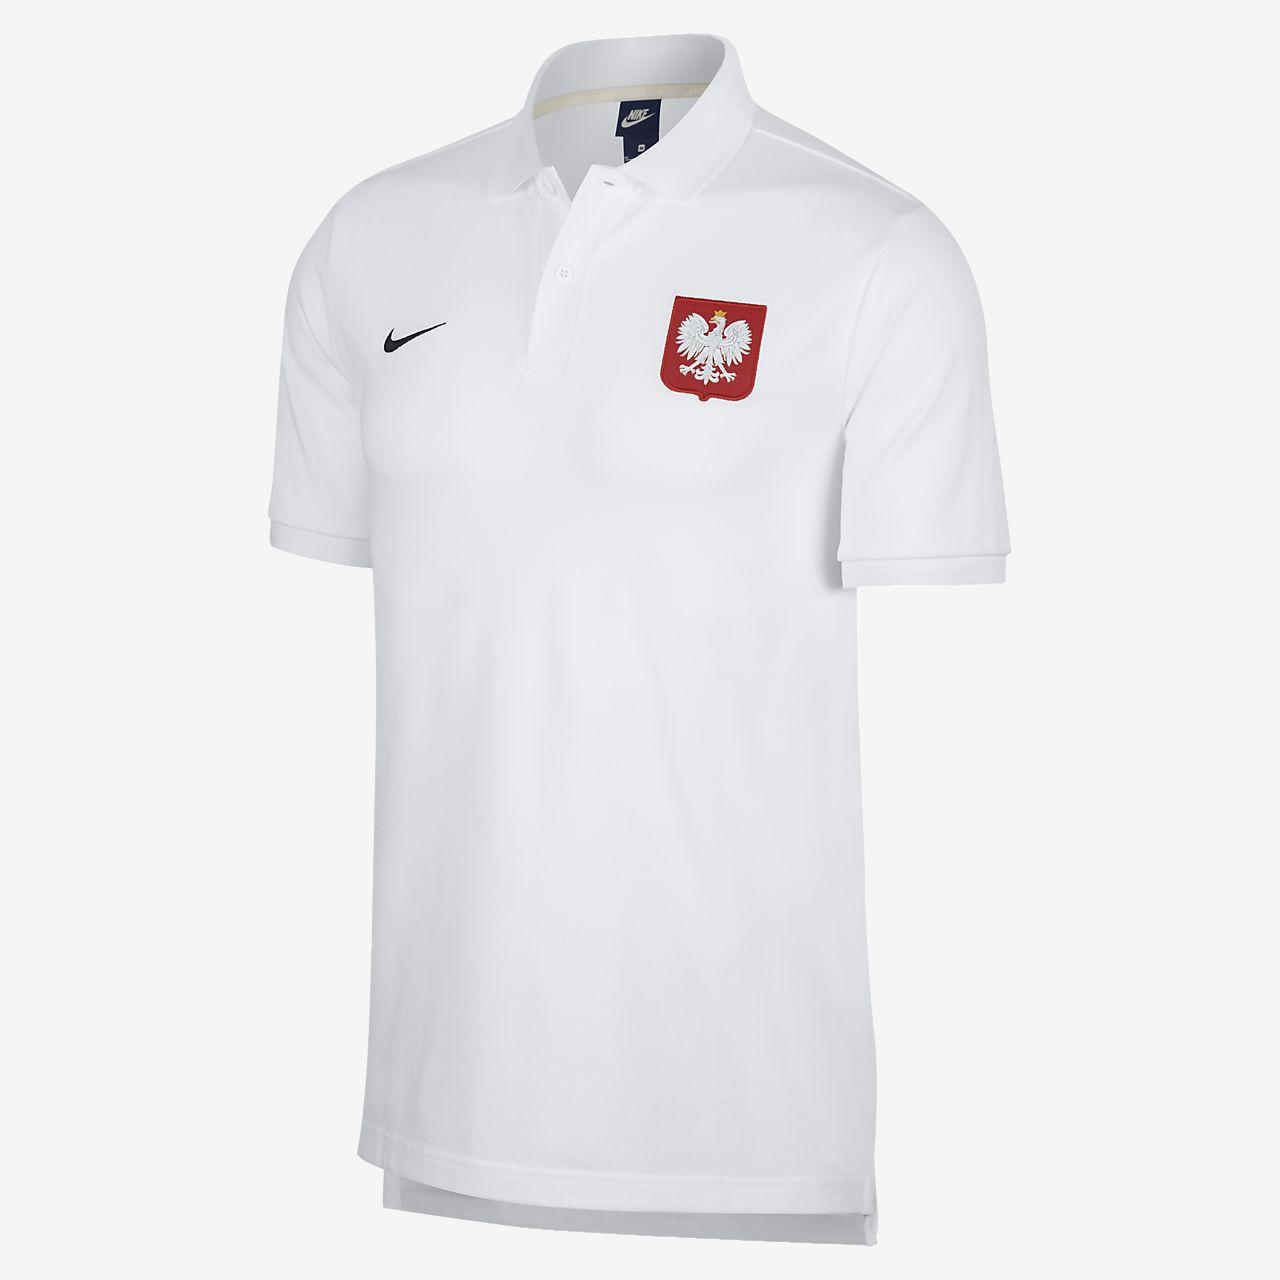 a6aaeaad5877e Мужская рубашка-поло Poland. Nike.com RU